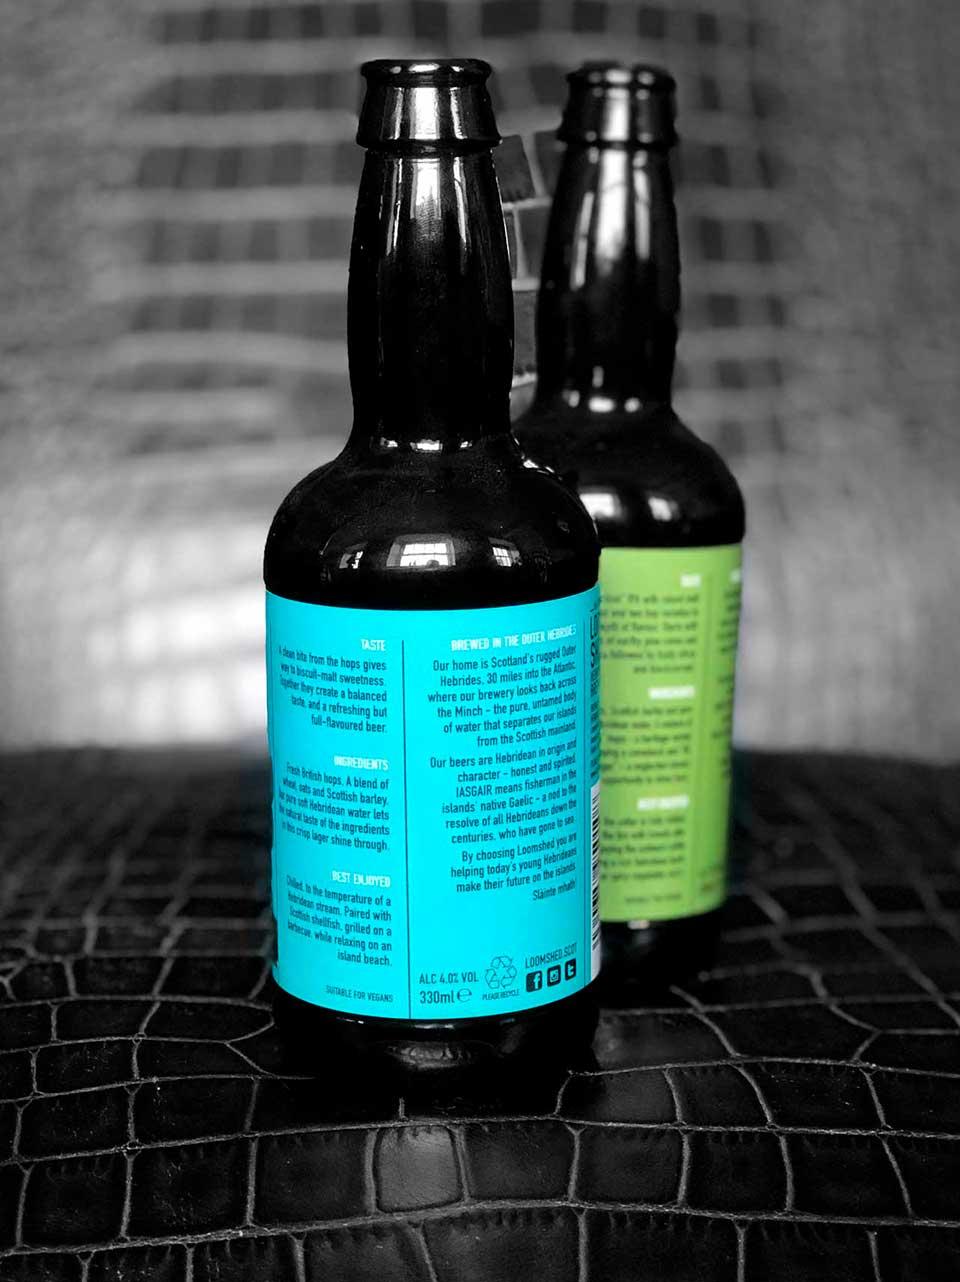 Beer Bottle labels for Loomshed